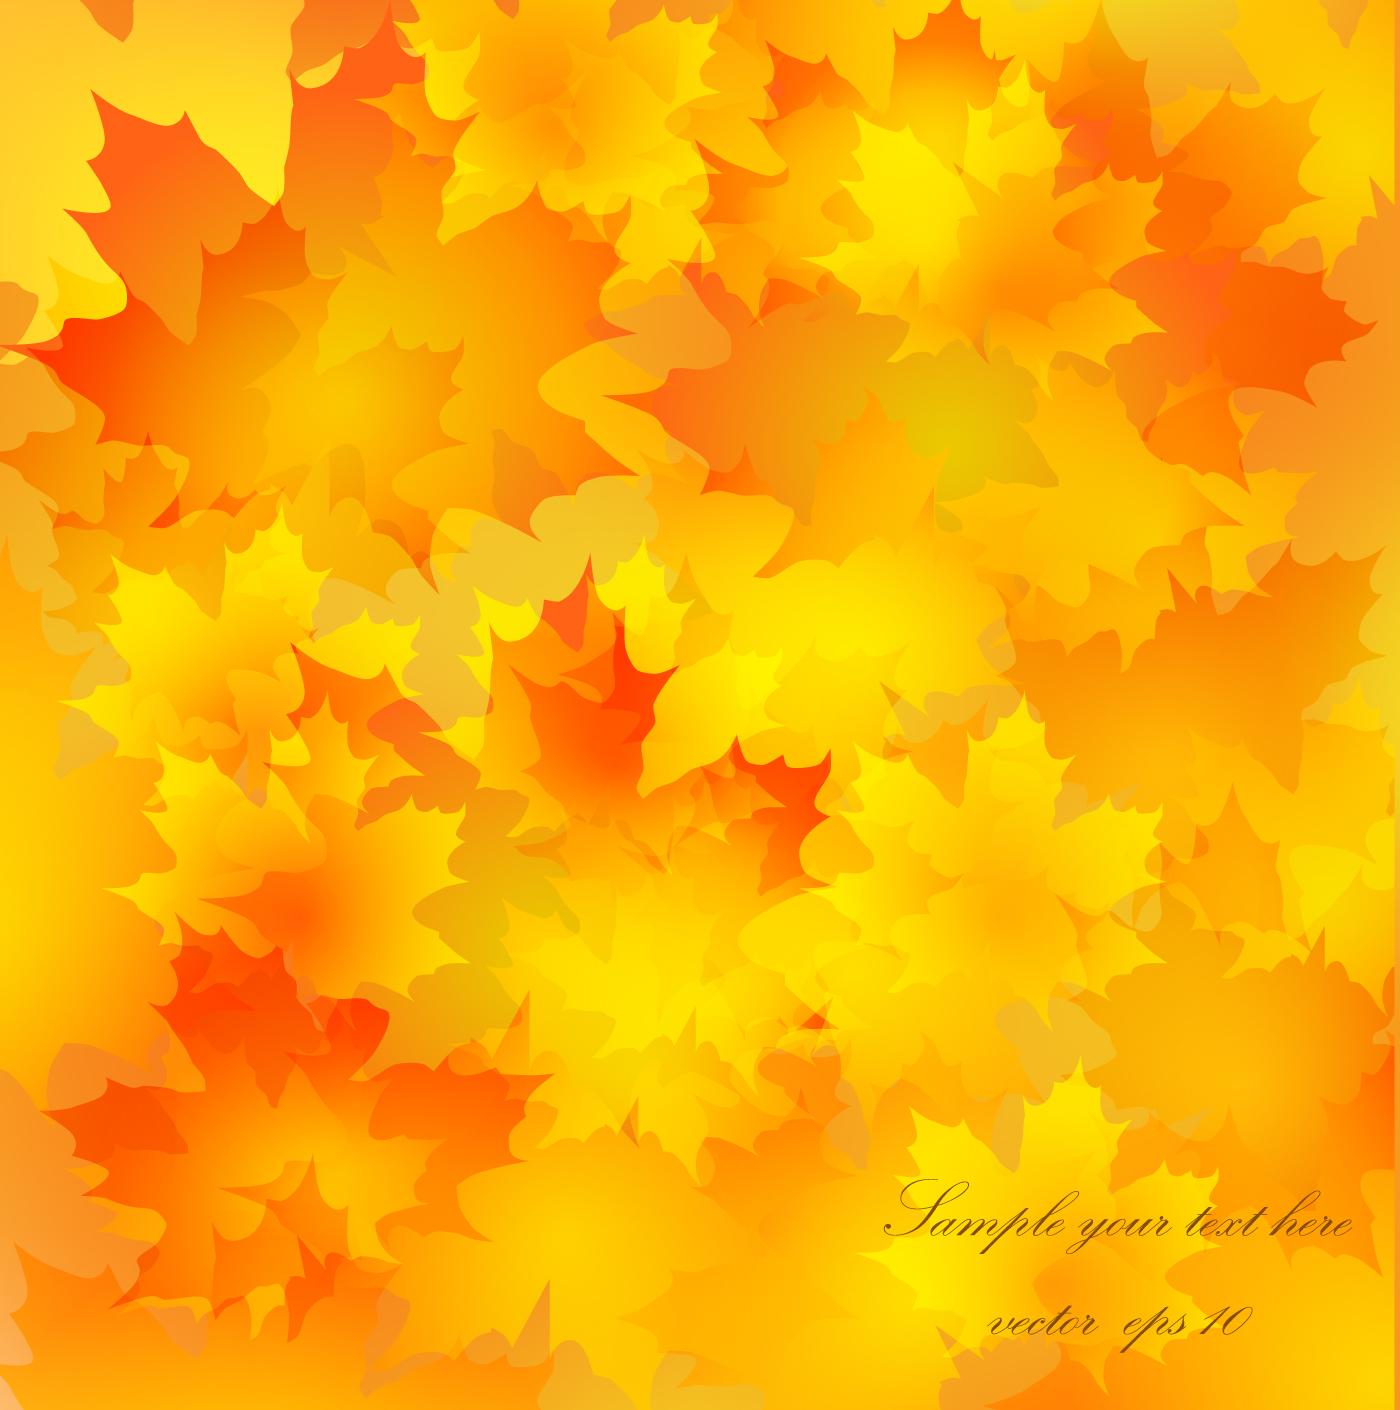 Спокойной ночи, открытка с желтыми листьями